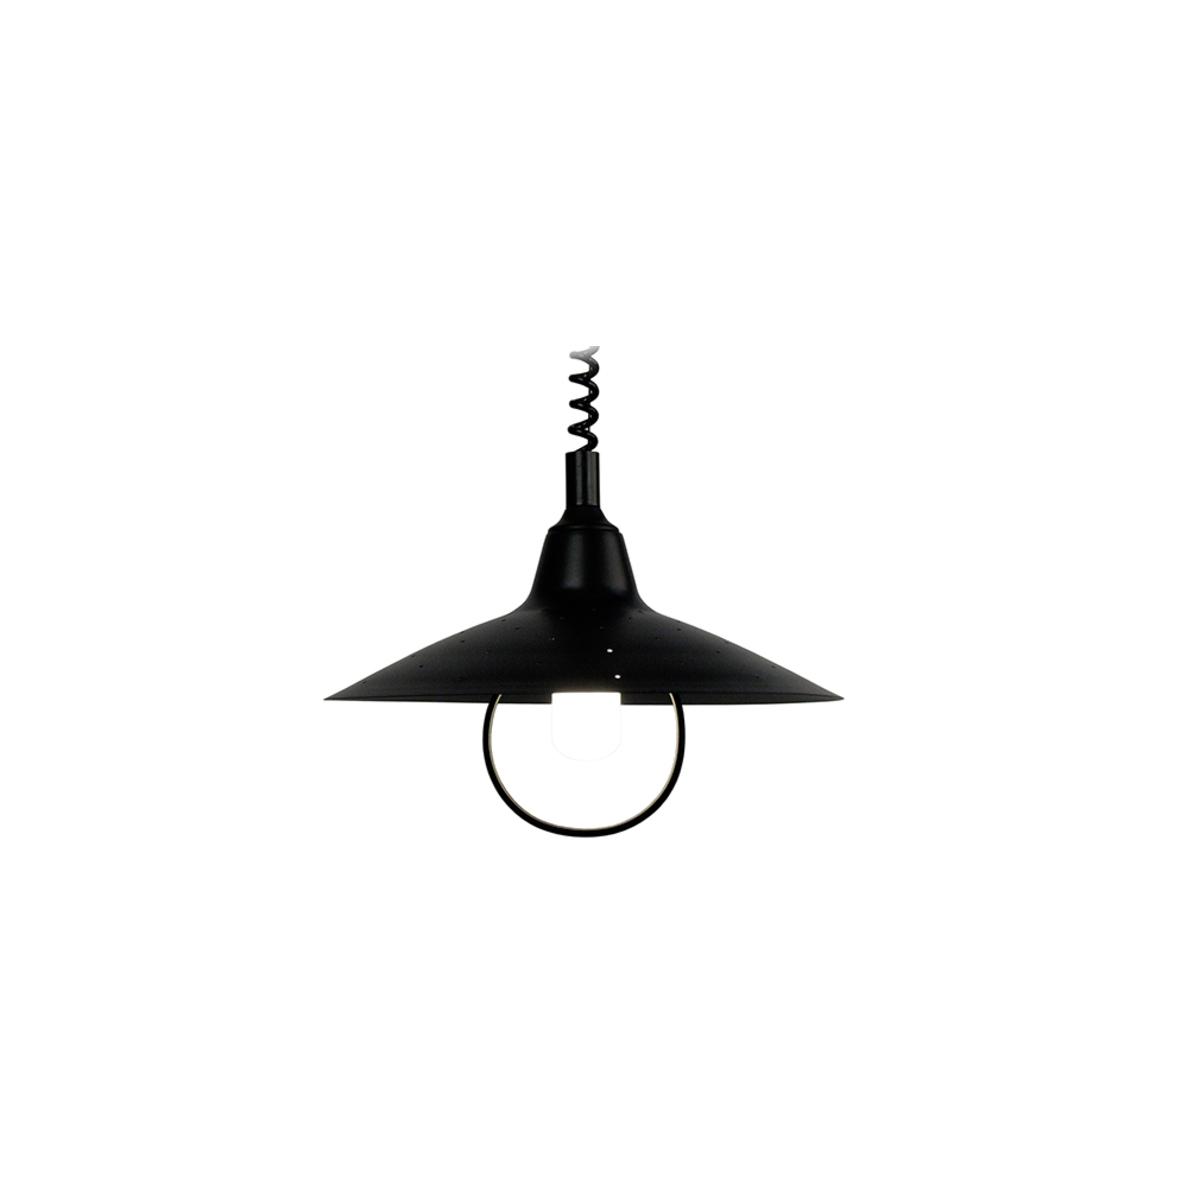 Lampadario design in metallo Nero OLSON